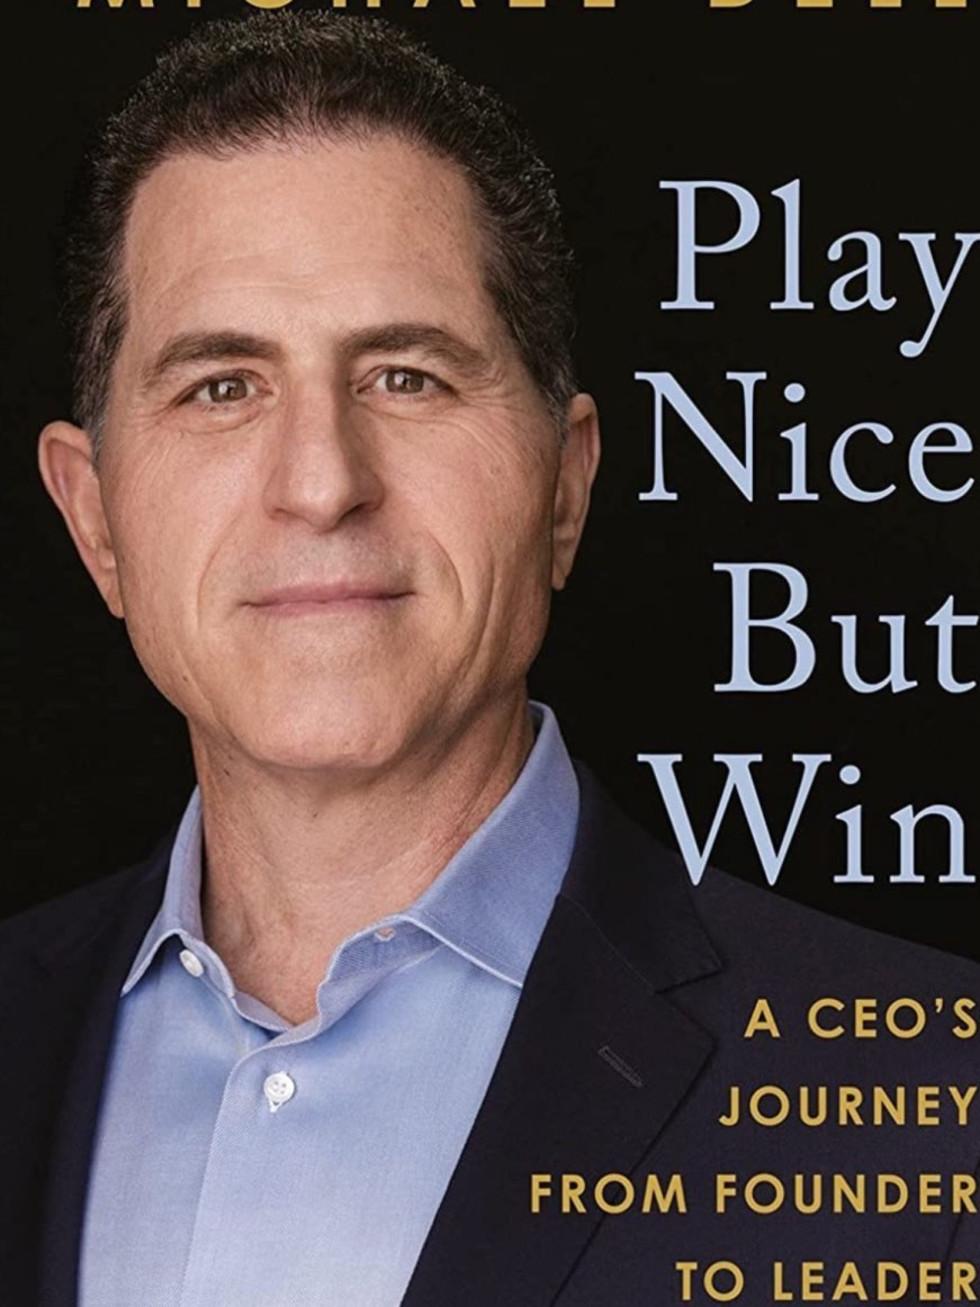 Michael Dell book